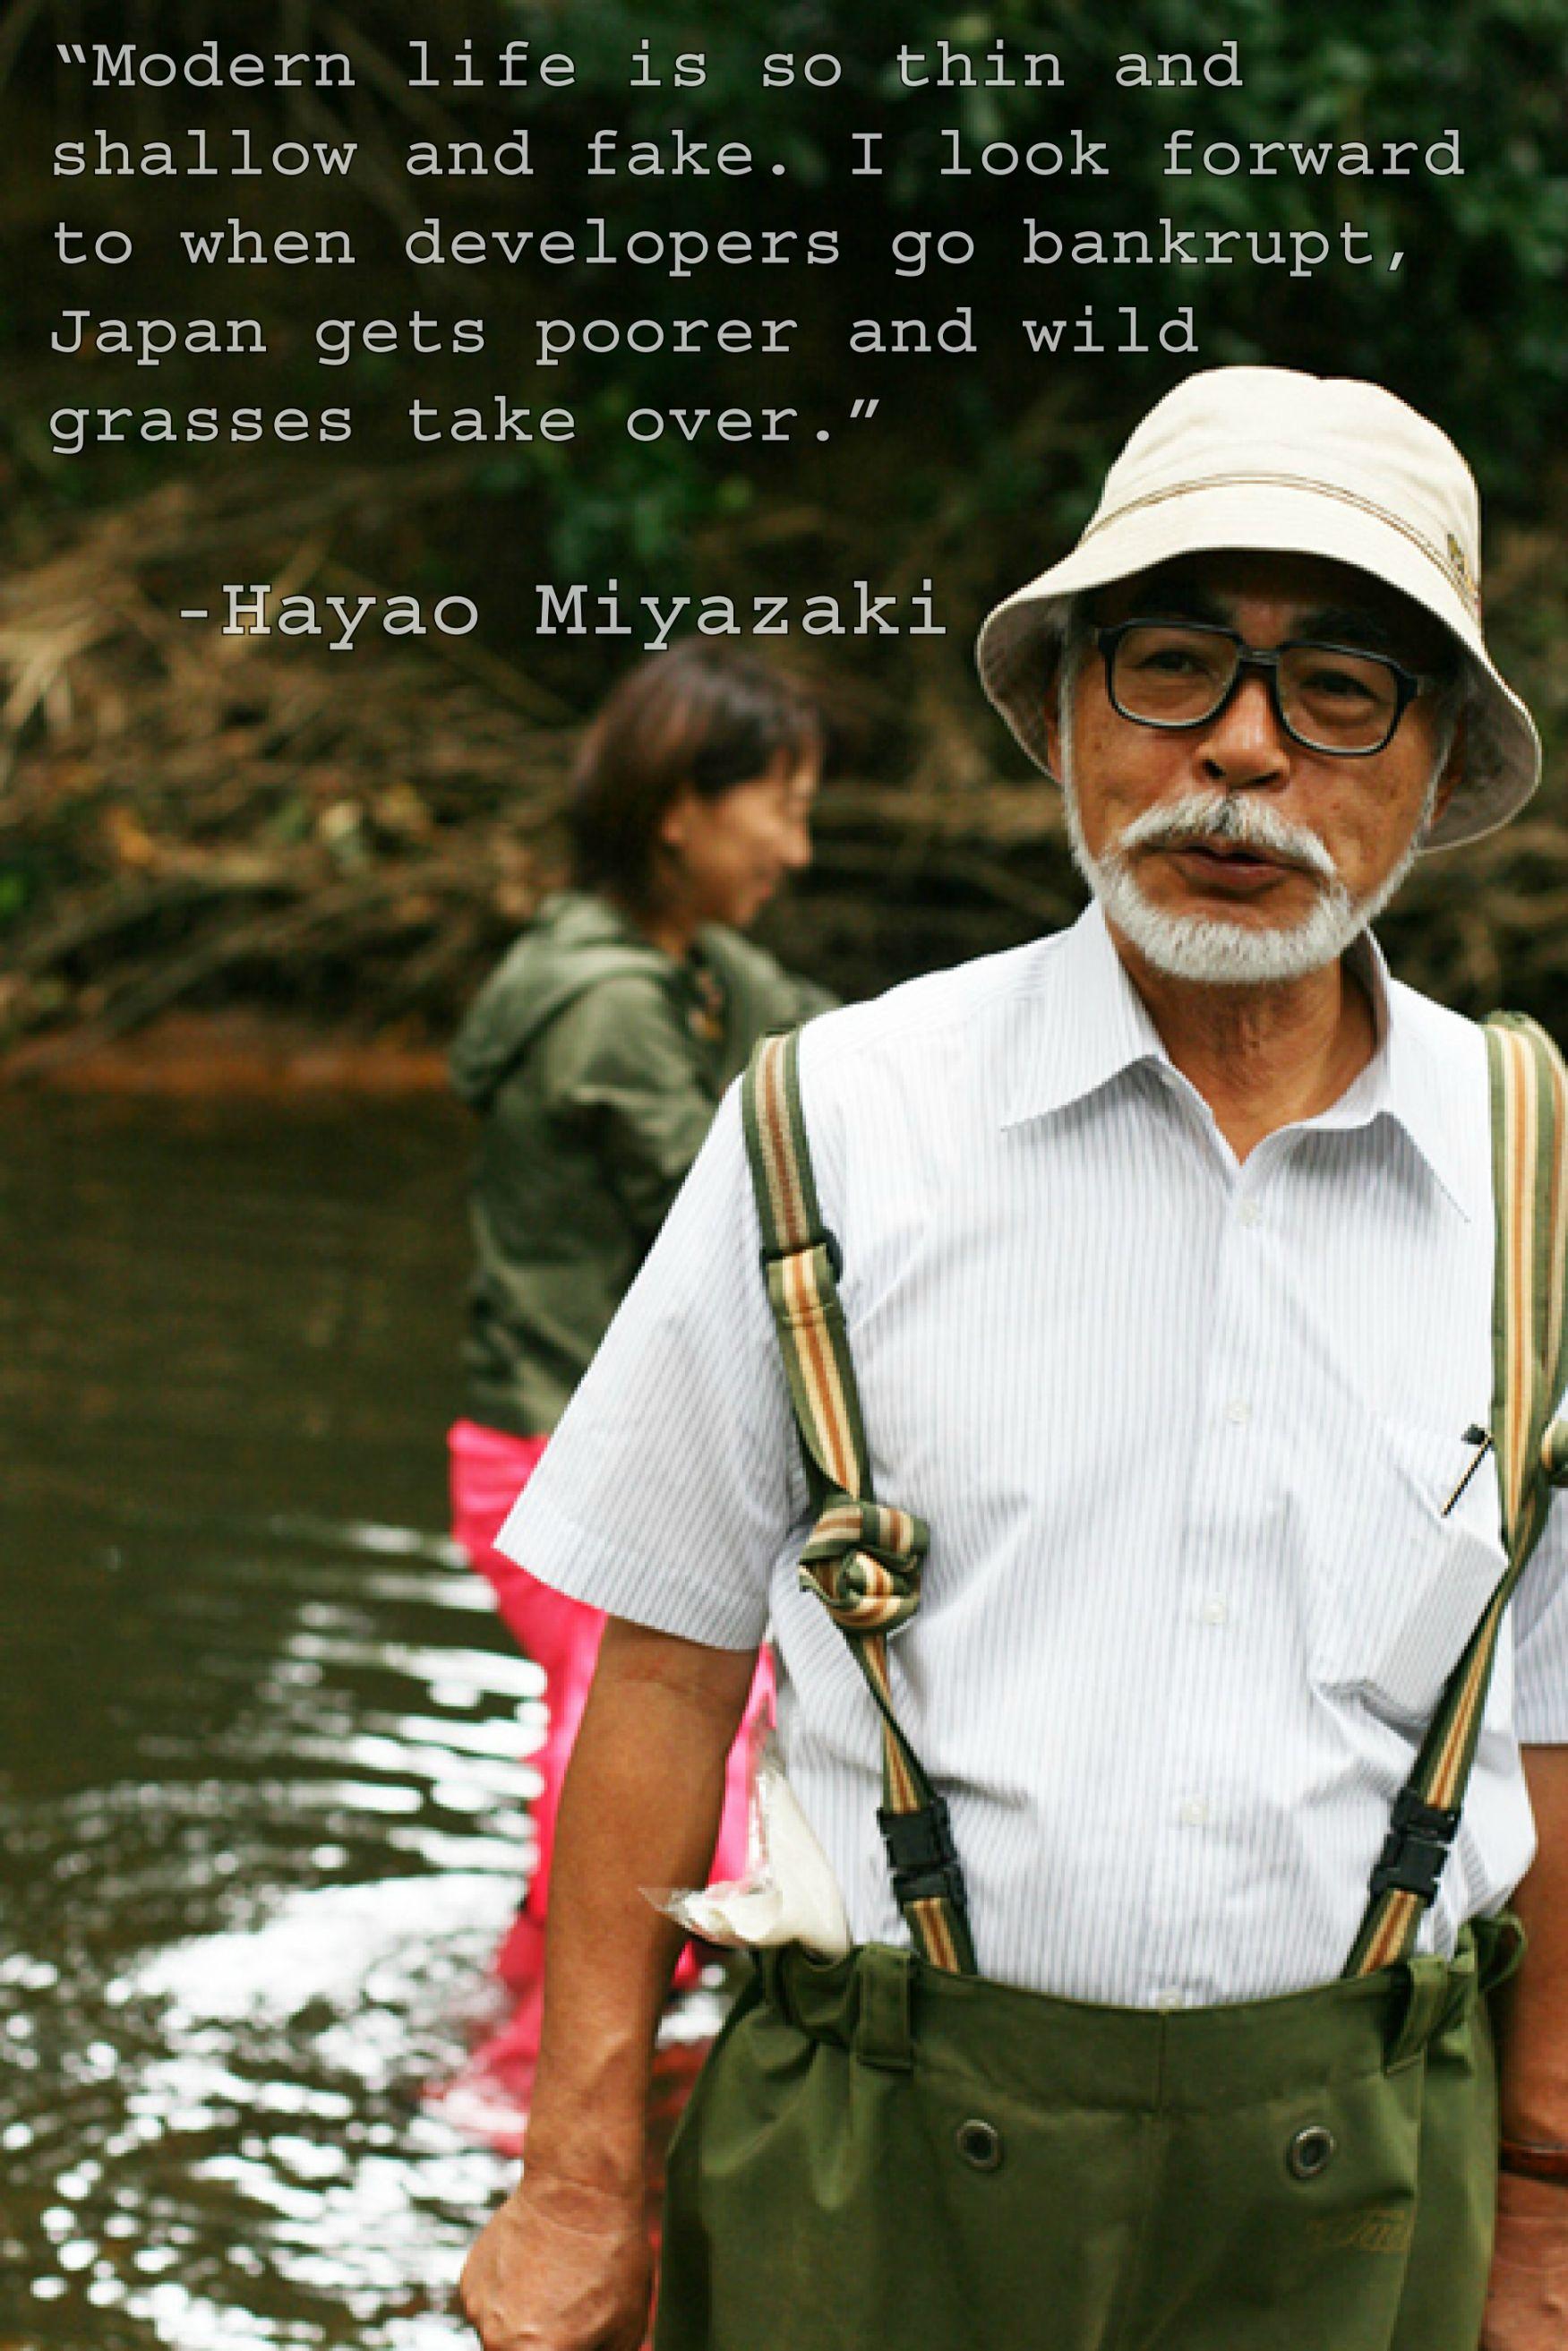 Hayao Miyazaki's quote #6